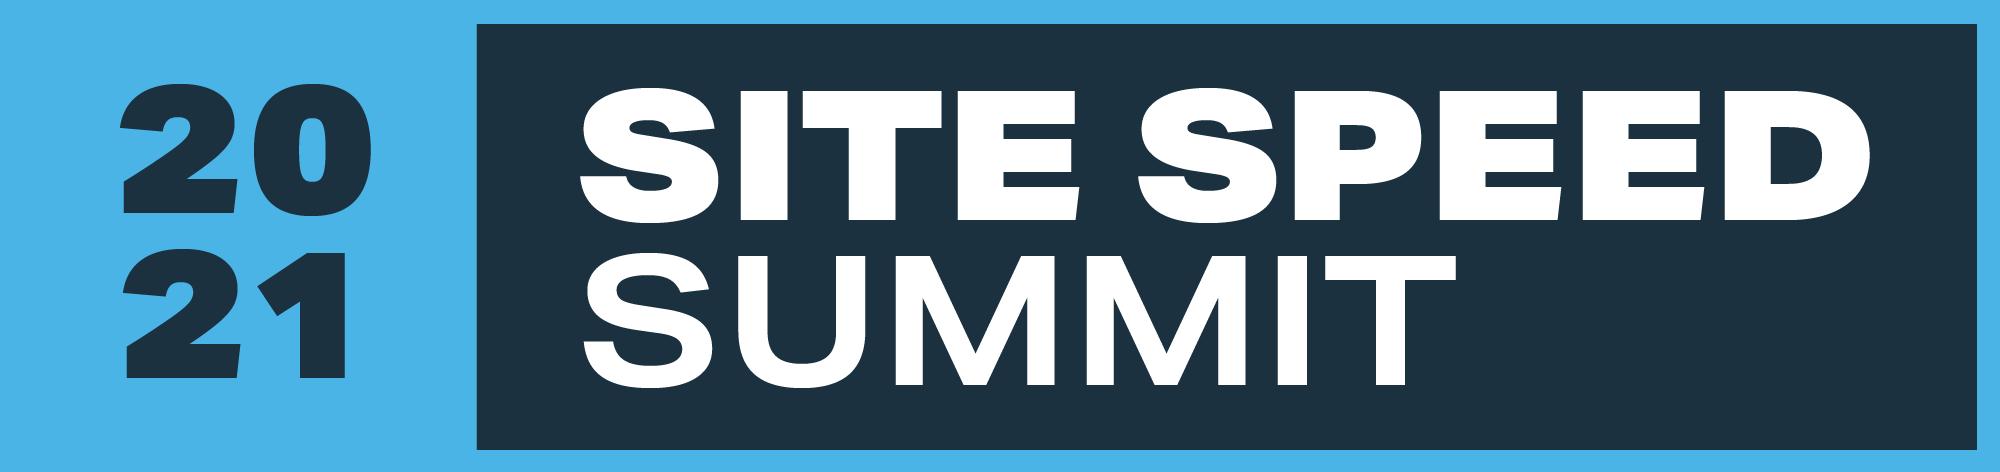 2021 Site Speed Summit Logo